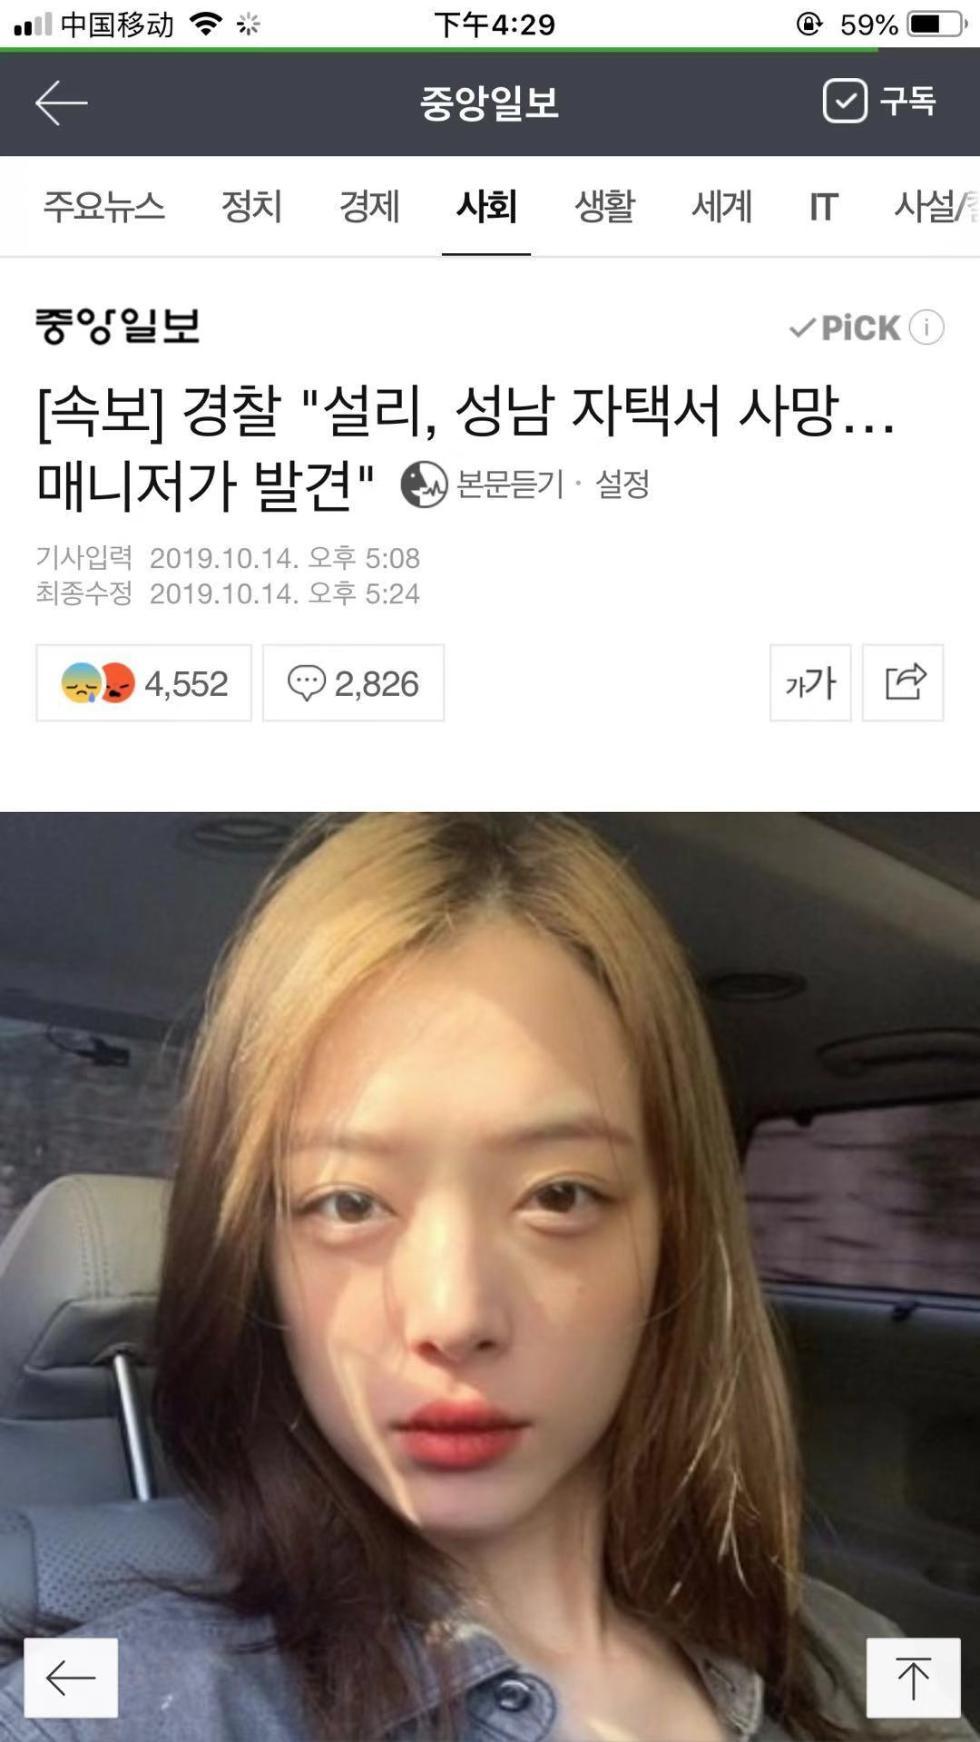 韩警方推测崔雪莉生前或患抑郁症 经纪公司未表态